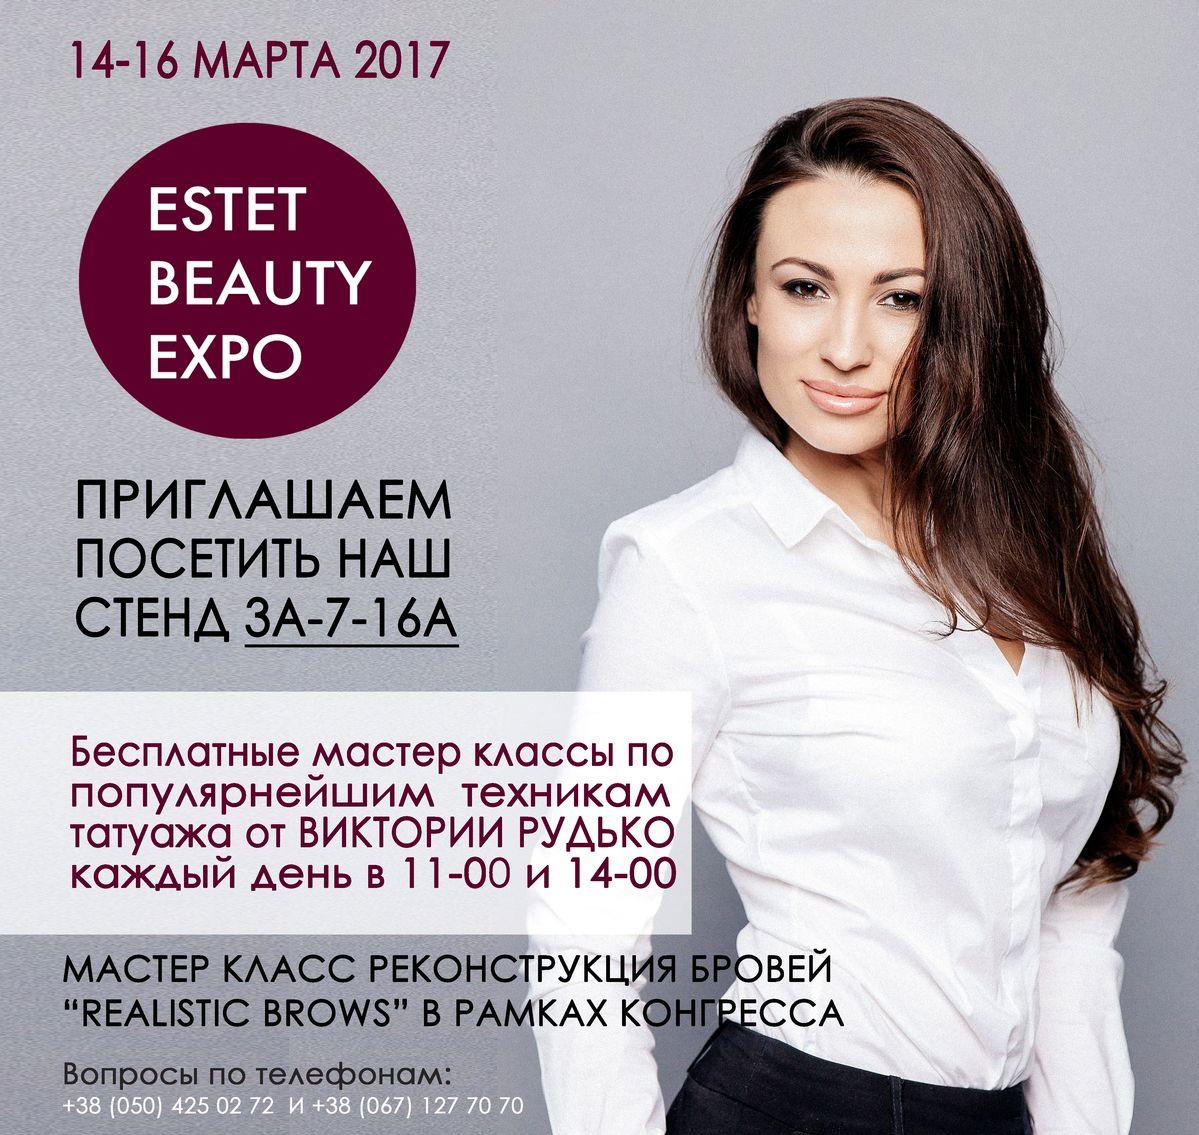 Estet Beauty Expo 14-16 марта г.Киев Виктория Рудько татуаж